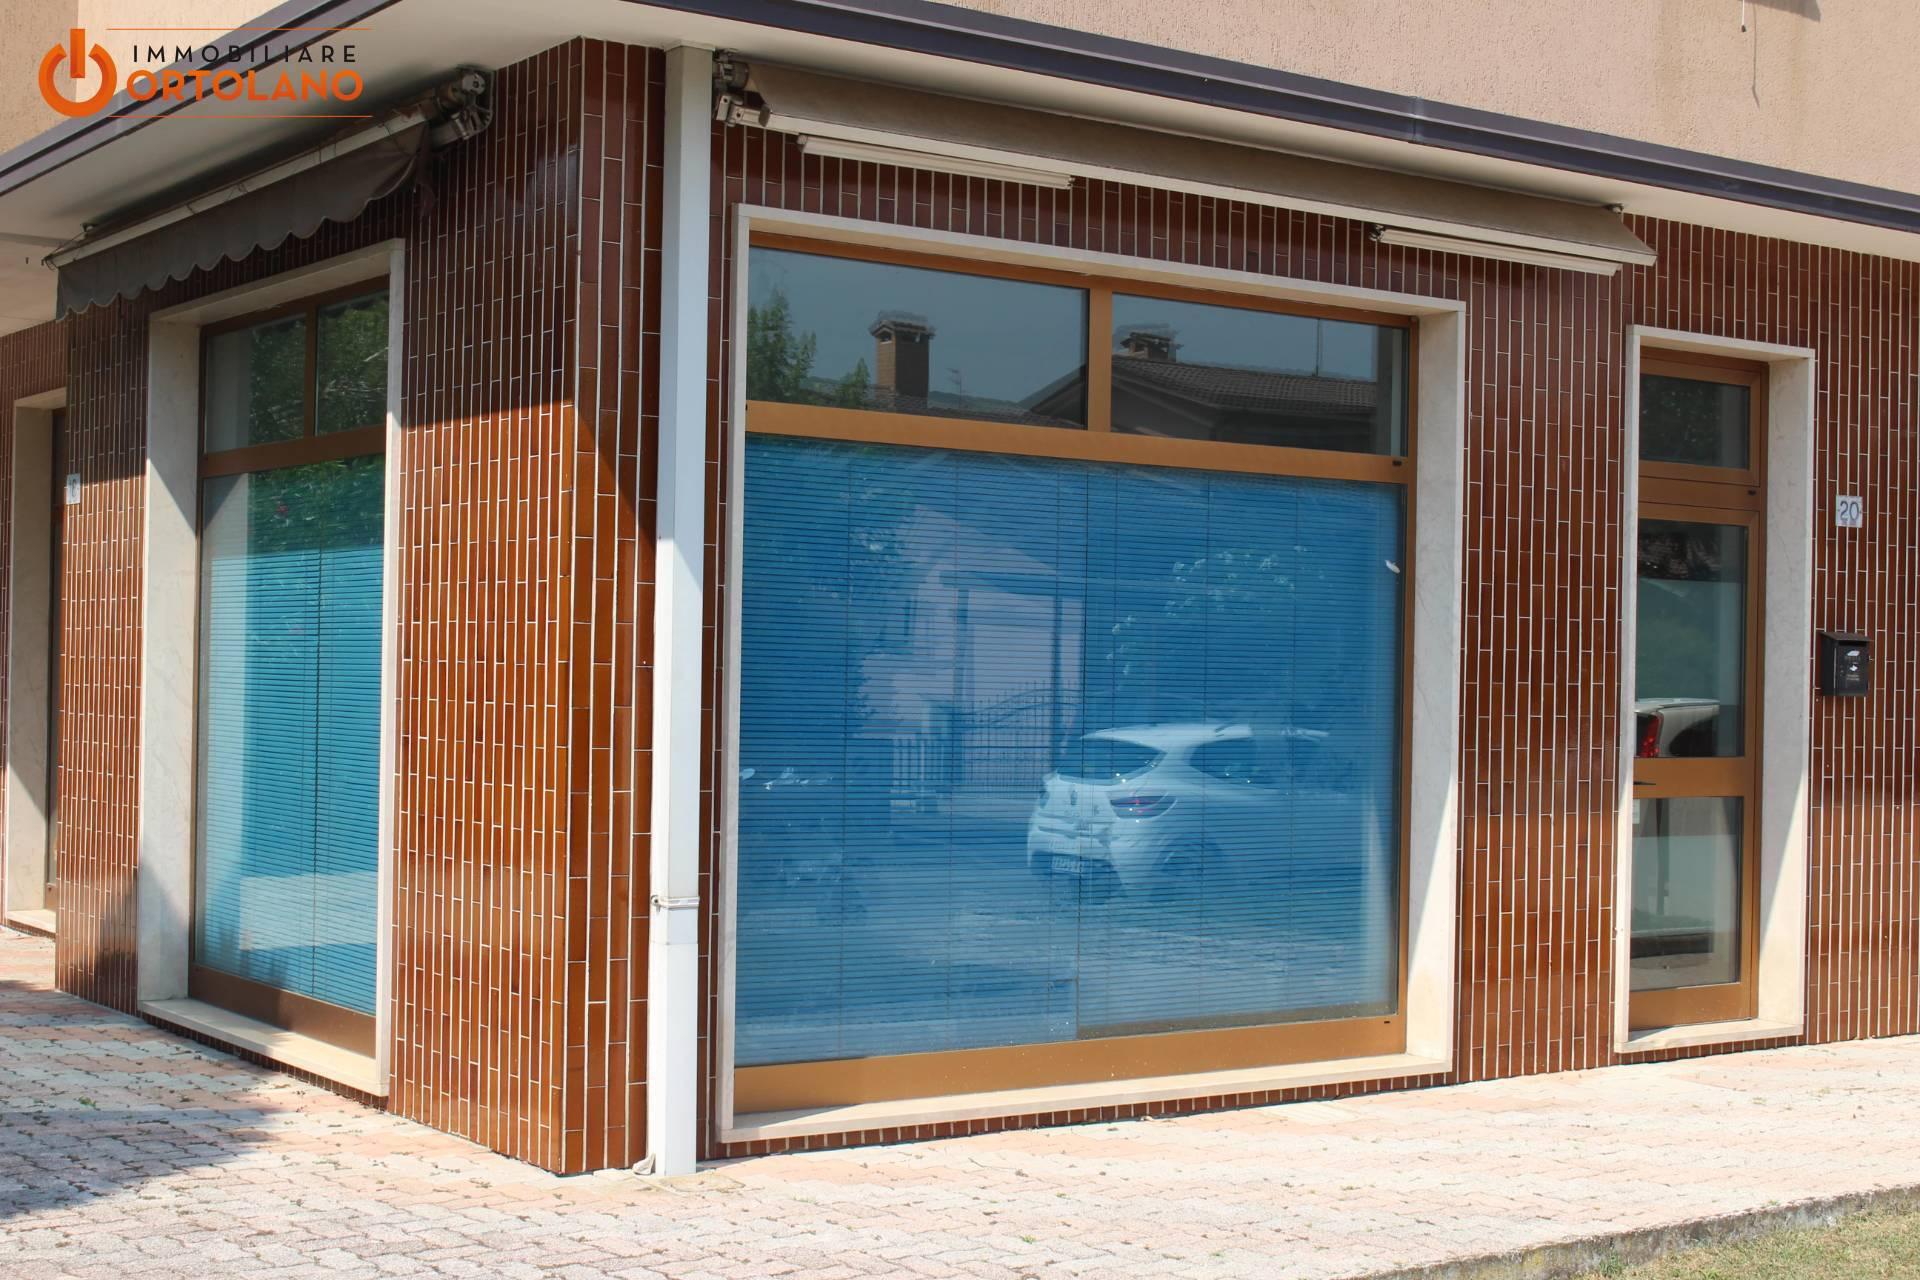 Ufficio / Studio in affitto a San Canzian d'Isonzo, 9999 locali, zona Zona: Pieris, prezzo € 320 | CambioCasa.it